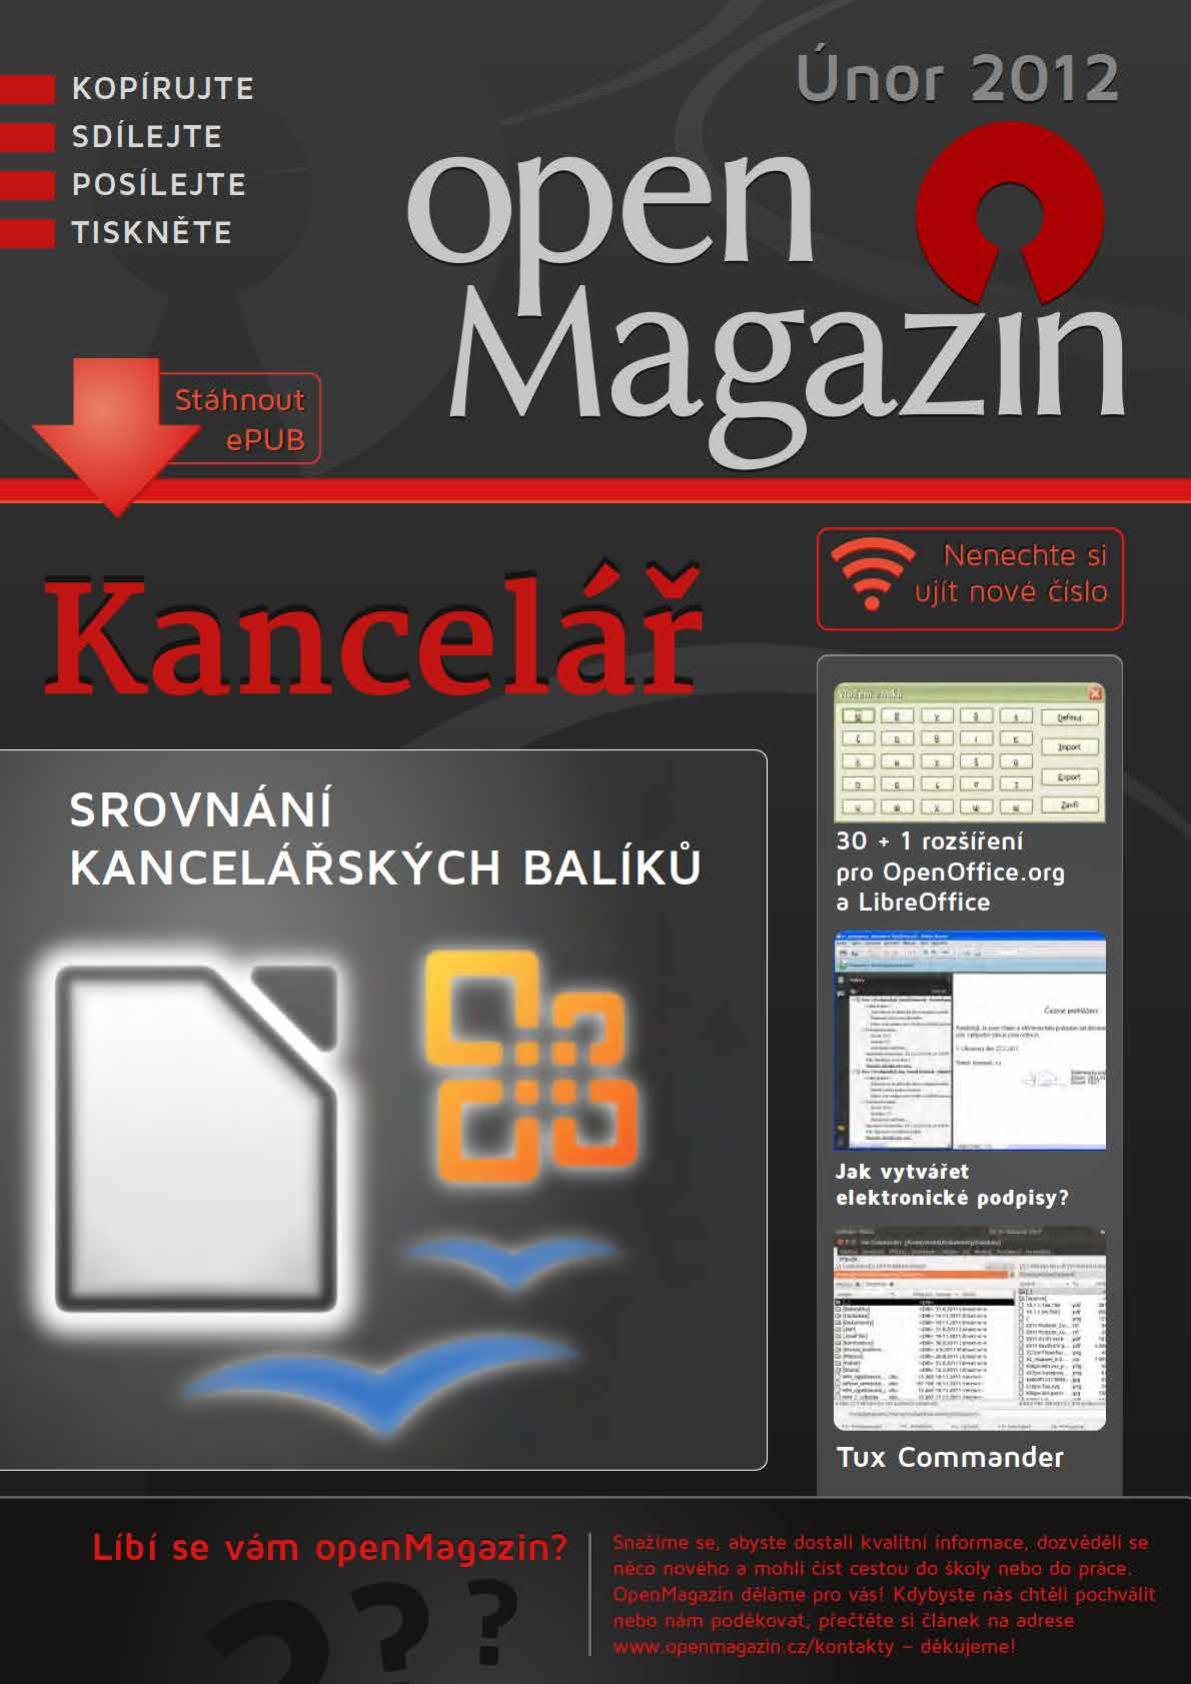 openMagazin 201202